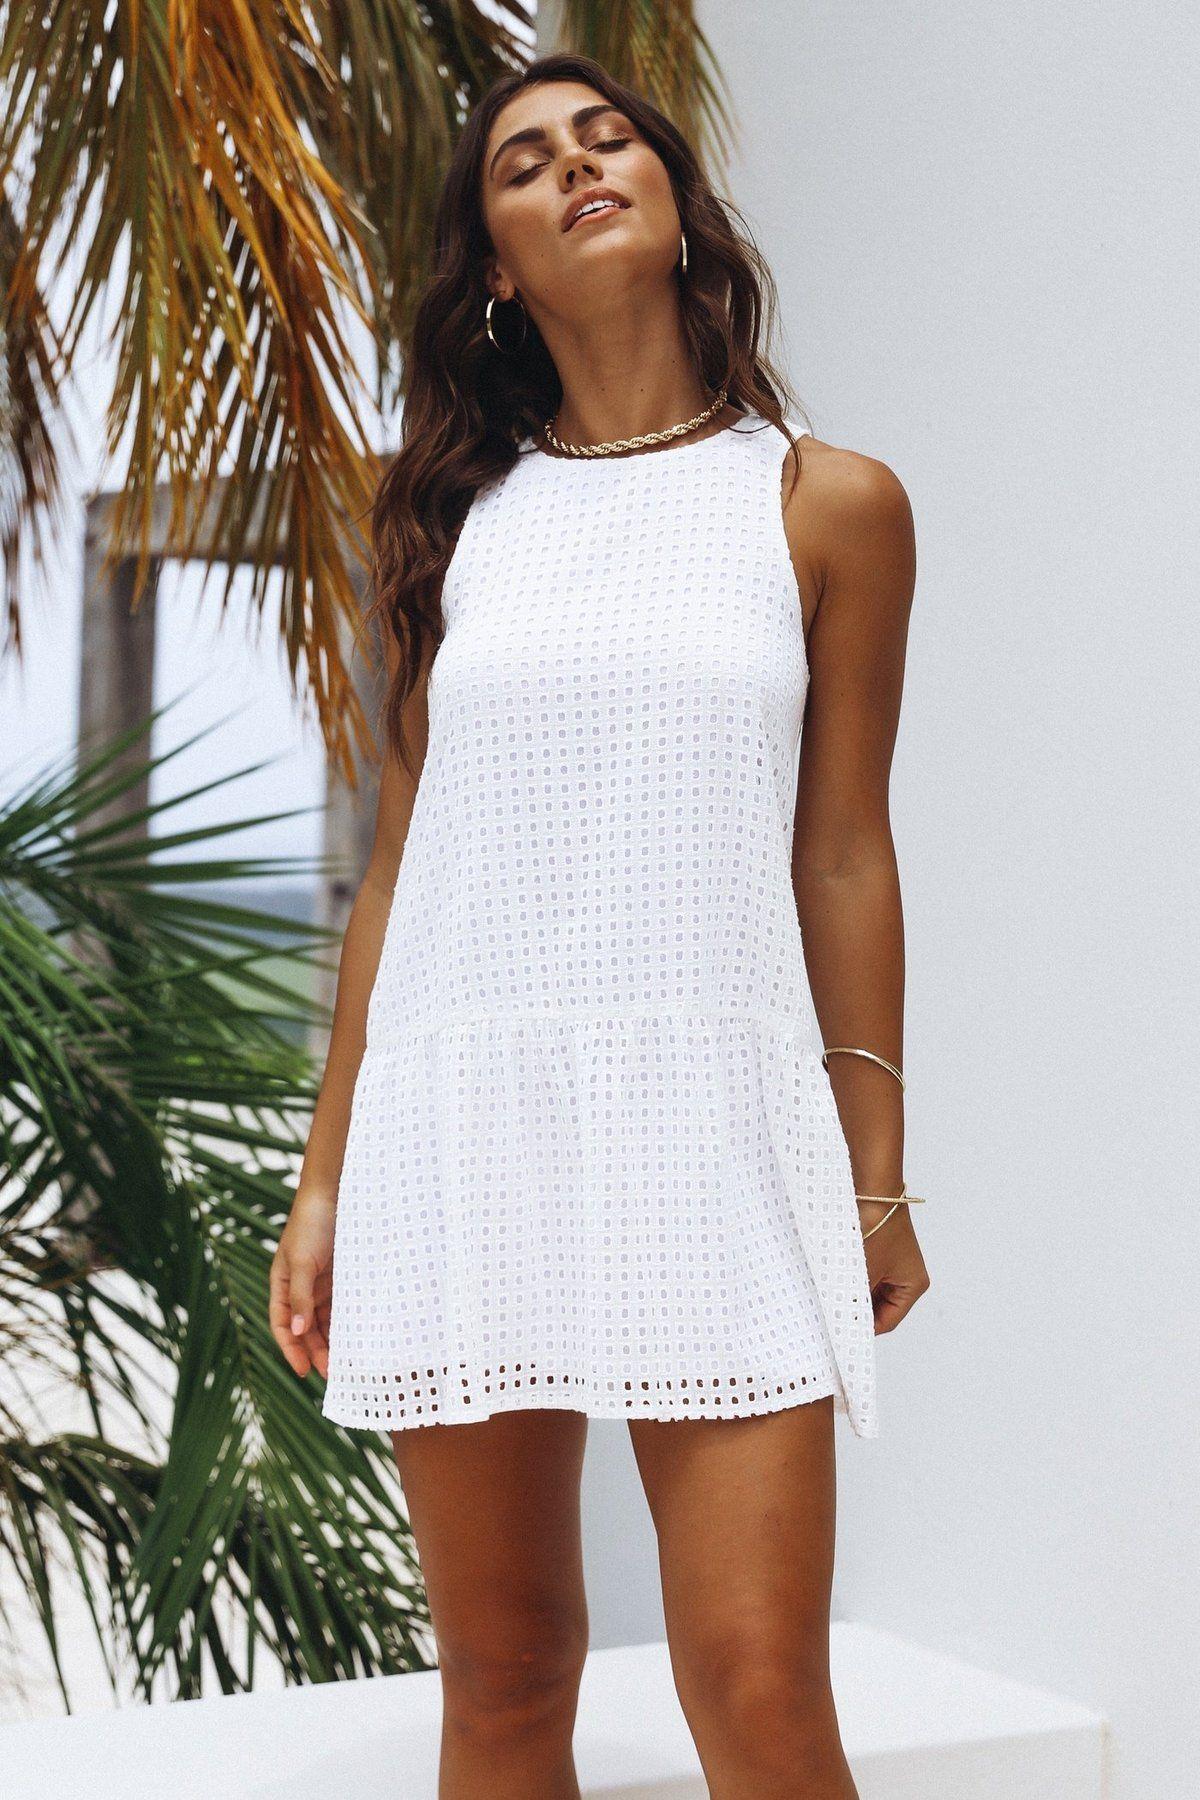 Boho Clothing Stores Brisbane